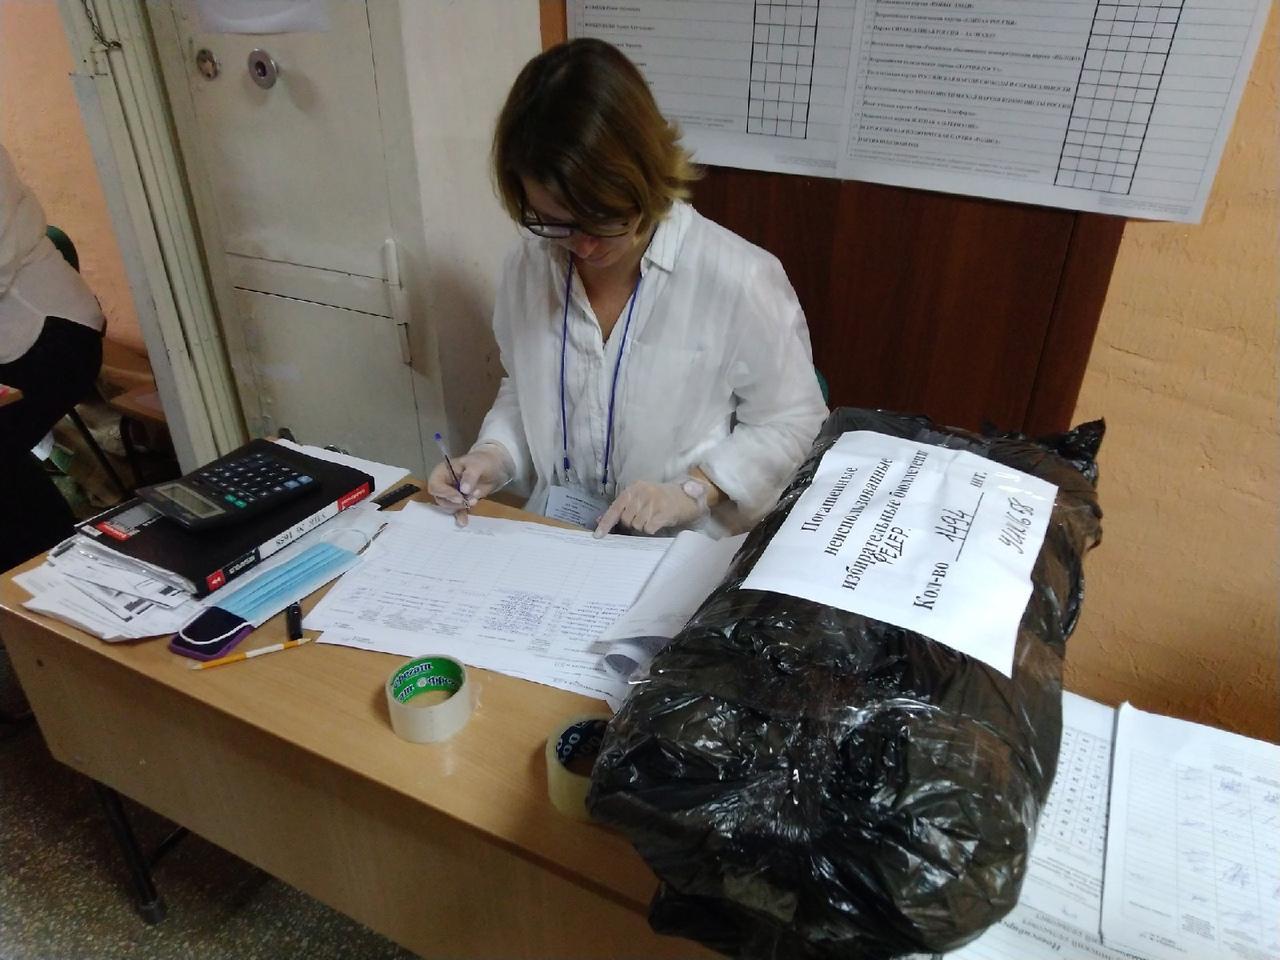 Фото Выборы в Новосибирске: онлайн дня голосования за депутатов Госдумы 19 сентября 2021 года 6